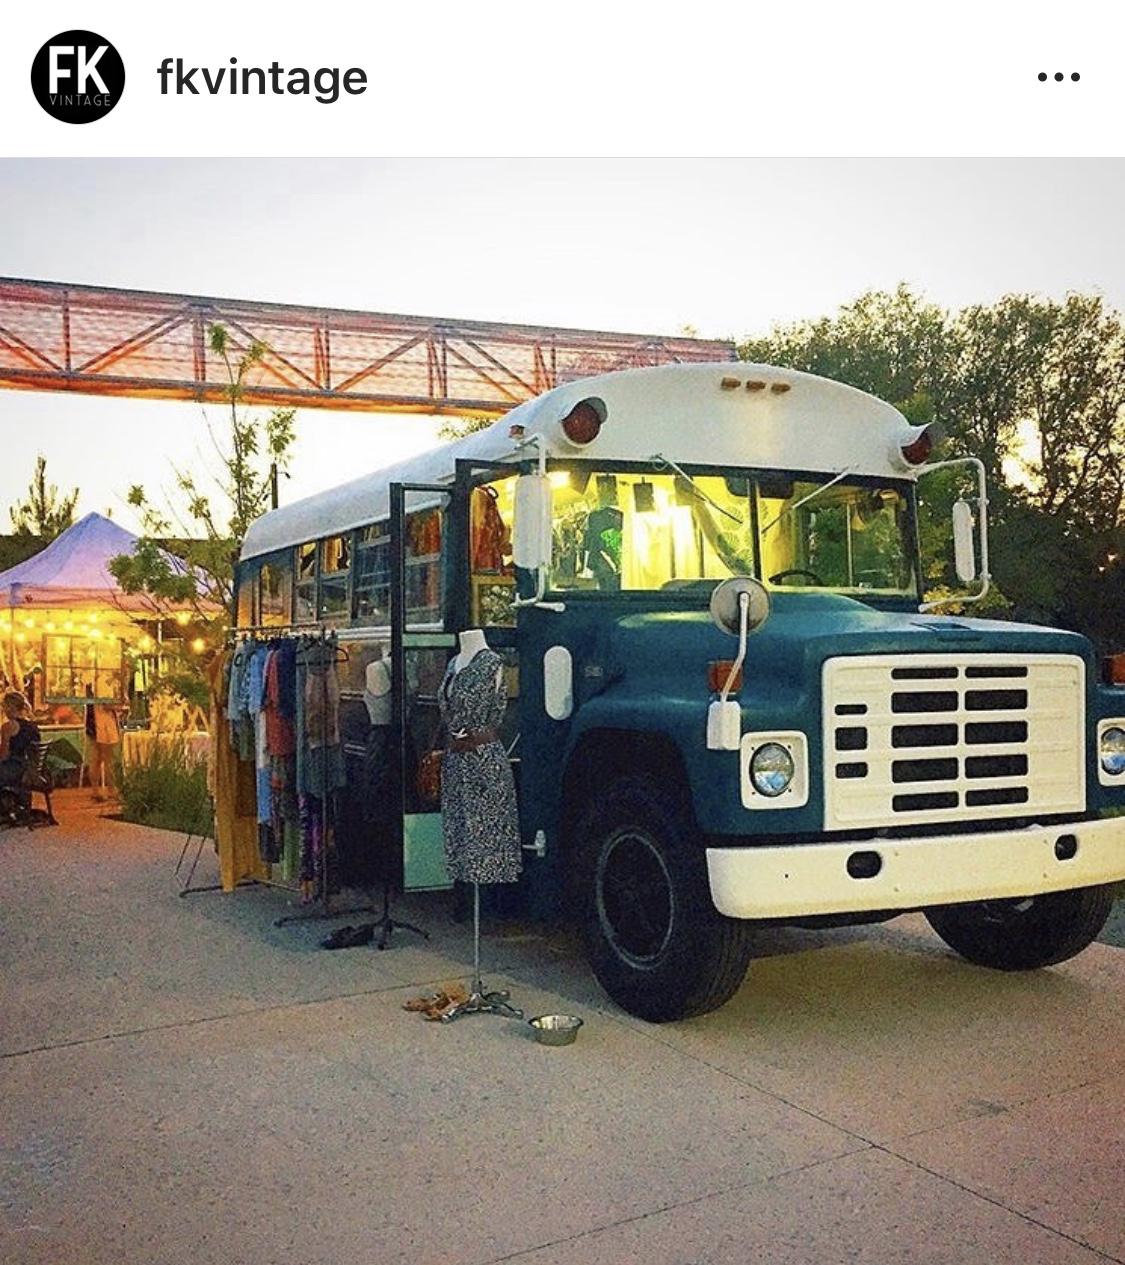 FKVintage is short for find.keep.vintage. -